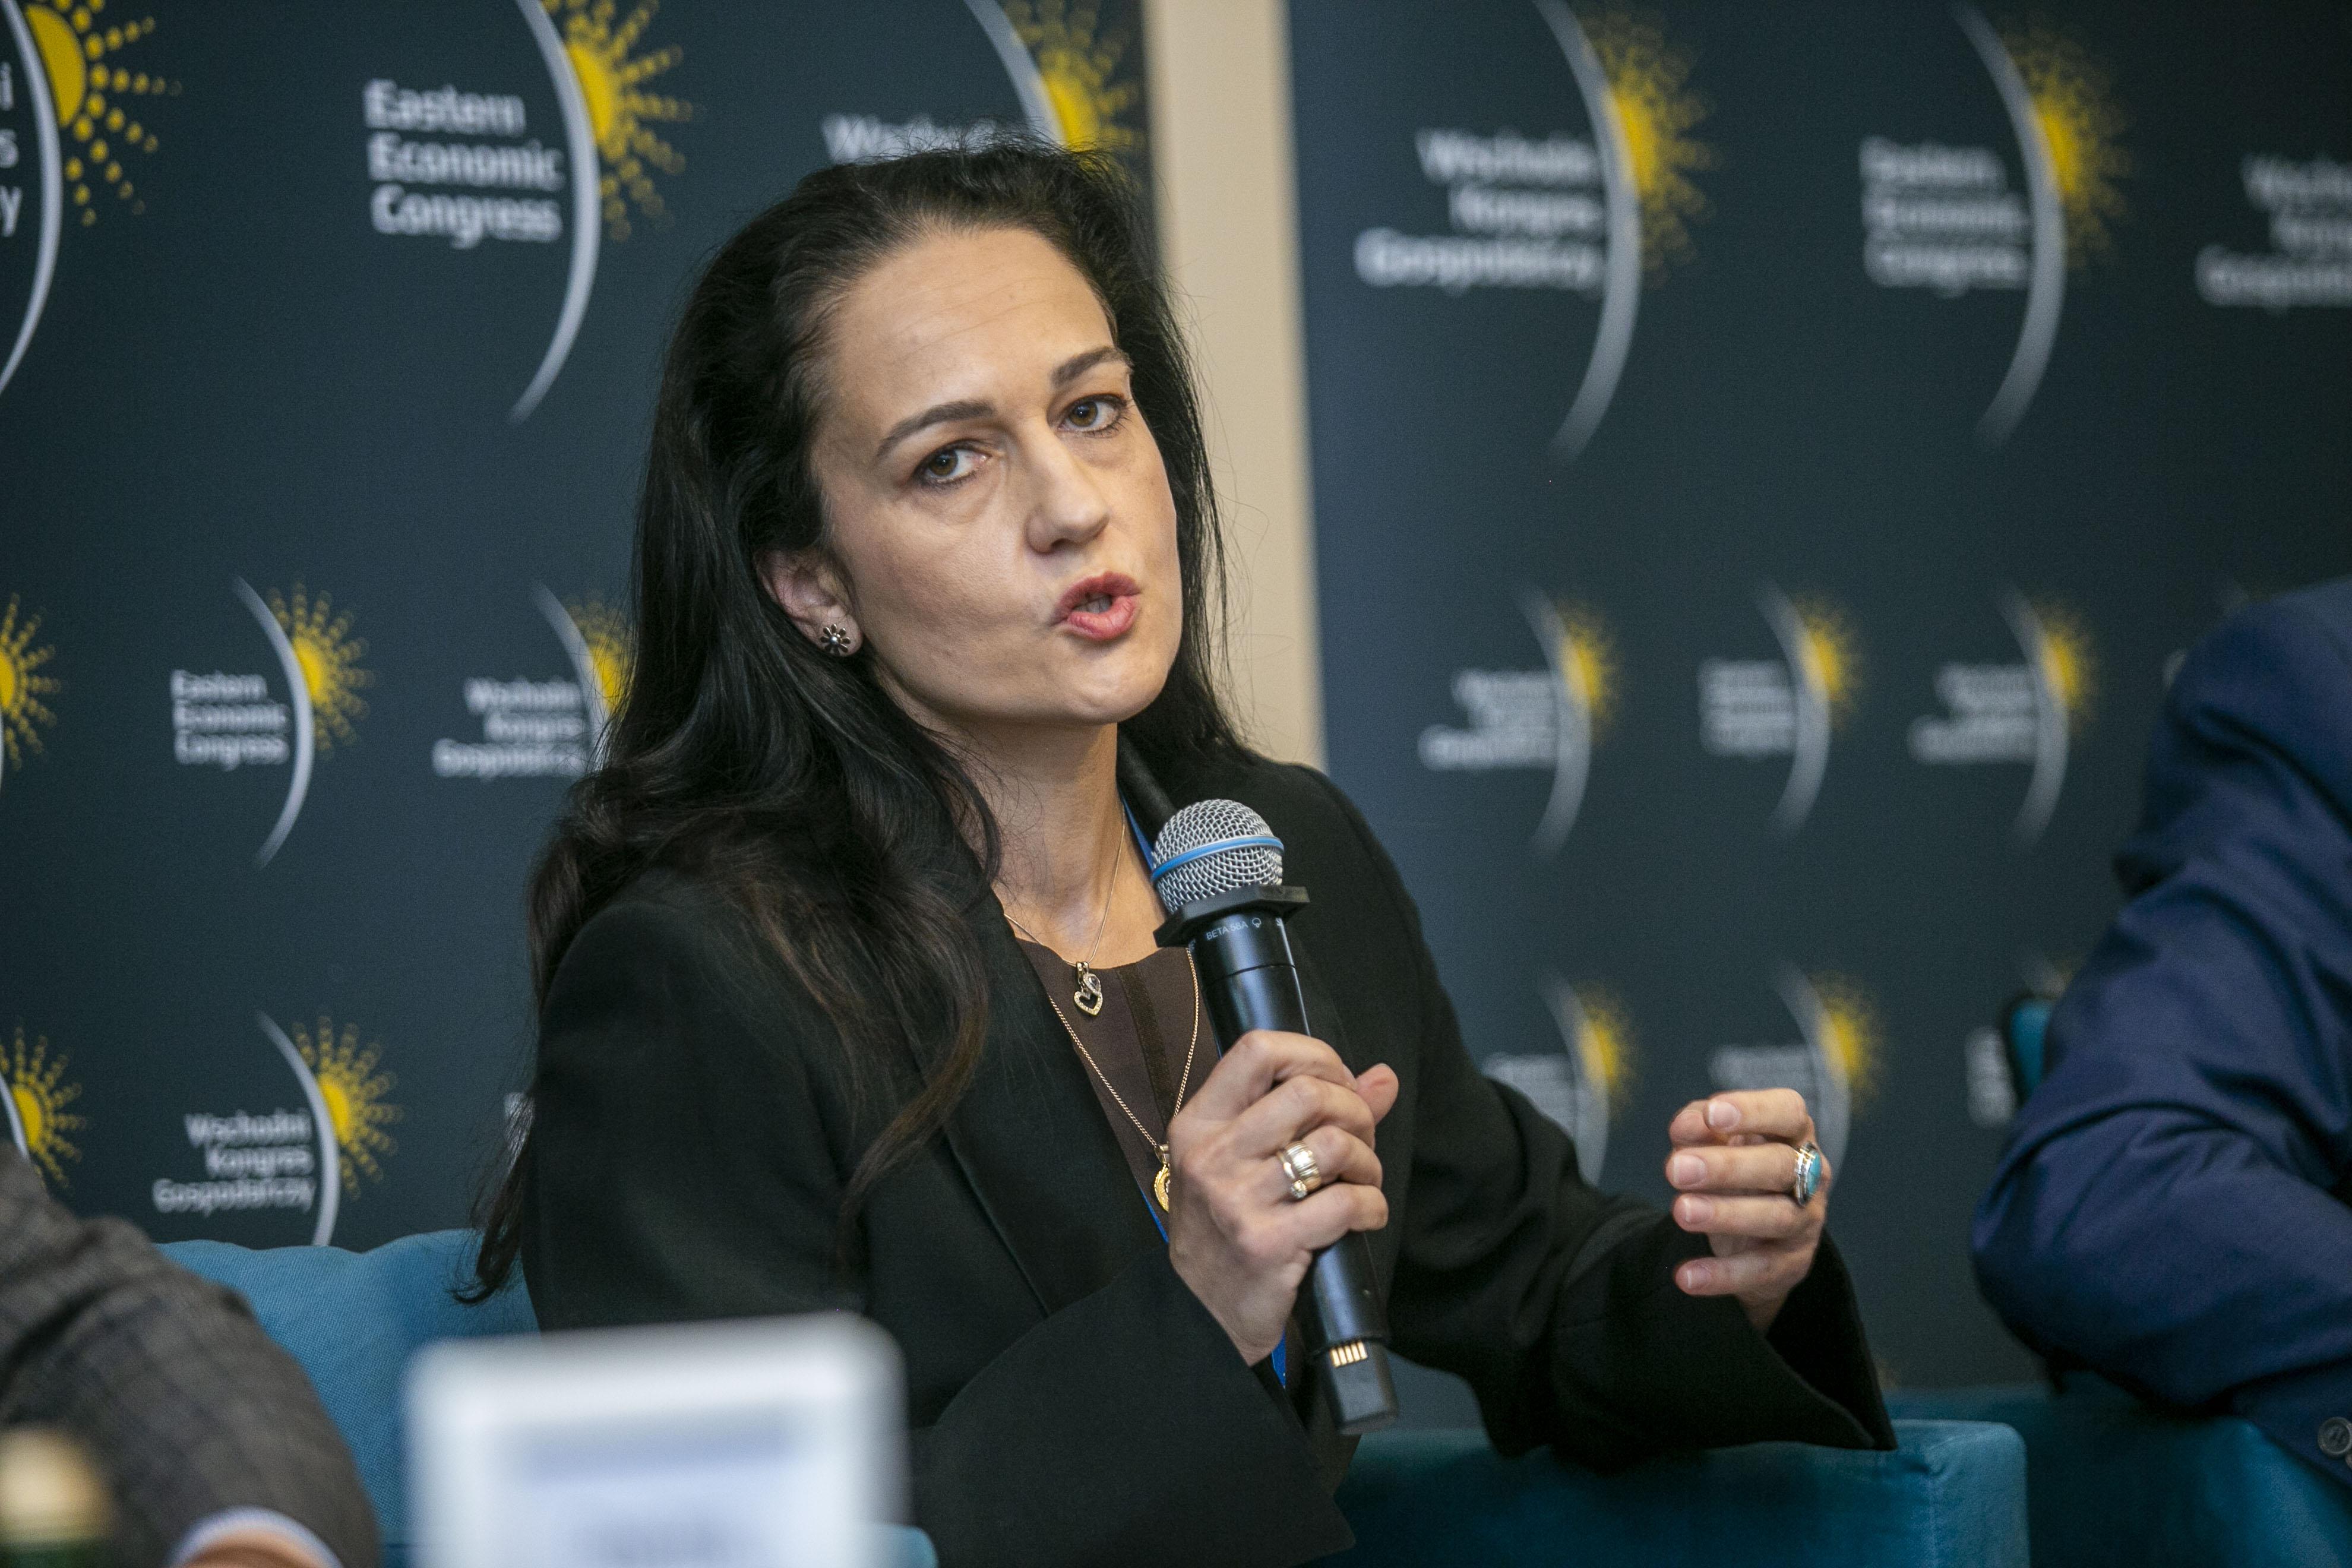 Katarzyna Czerewacz-Filipowicz, doktor z Wydziału Inżynierii Zarządzania Politechniki Białostockiej